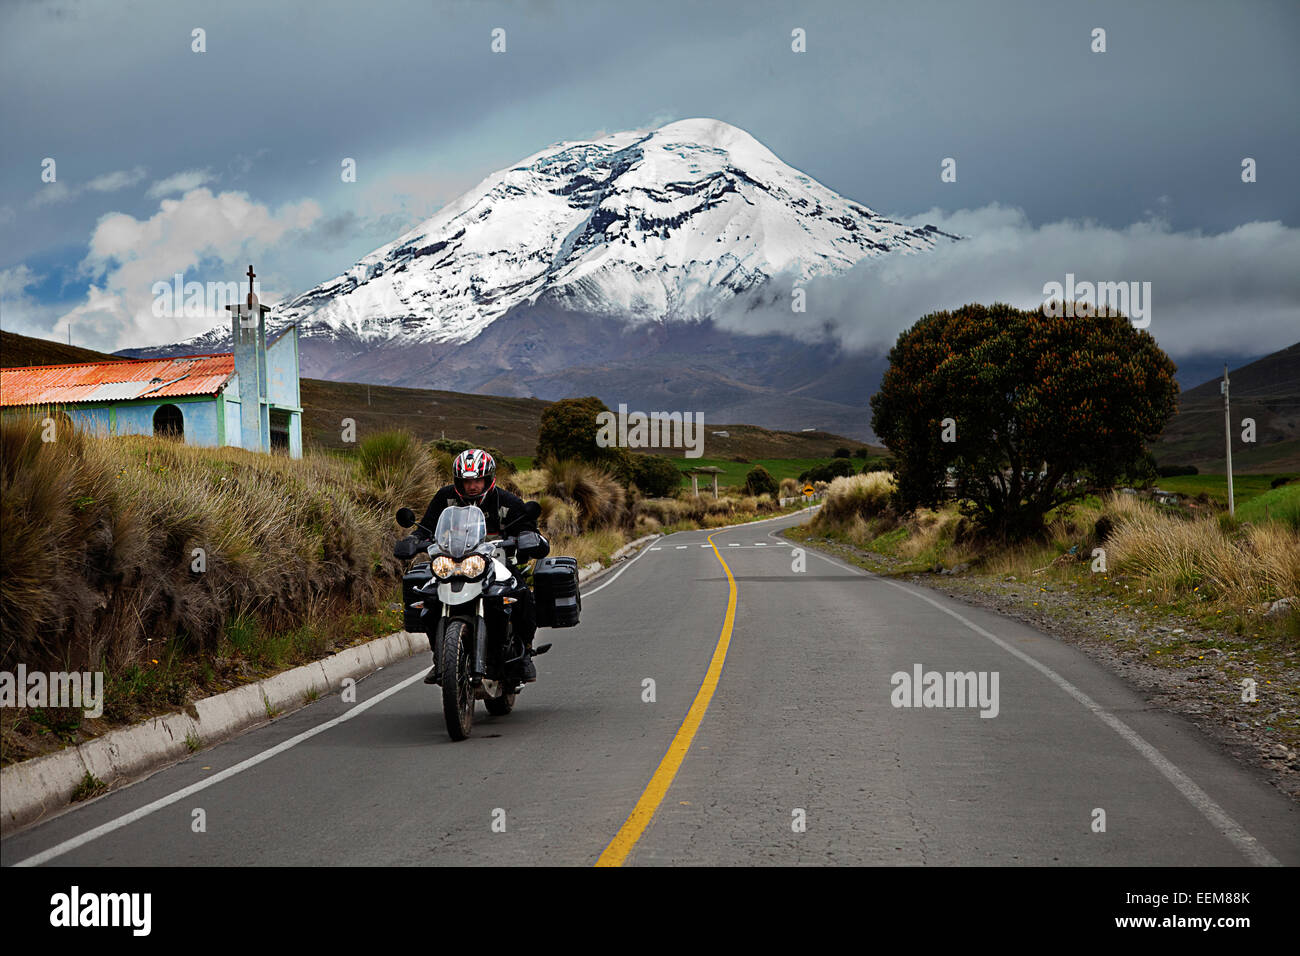 Ecuador, Menschenbild auf Motorrad mit Chimborazo Vulkan im Hintergrund Stockbild